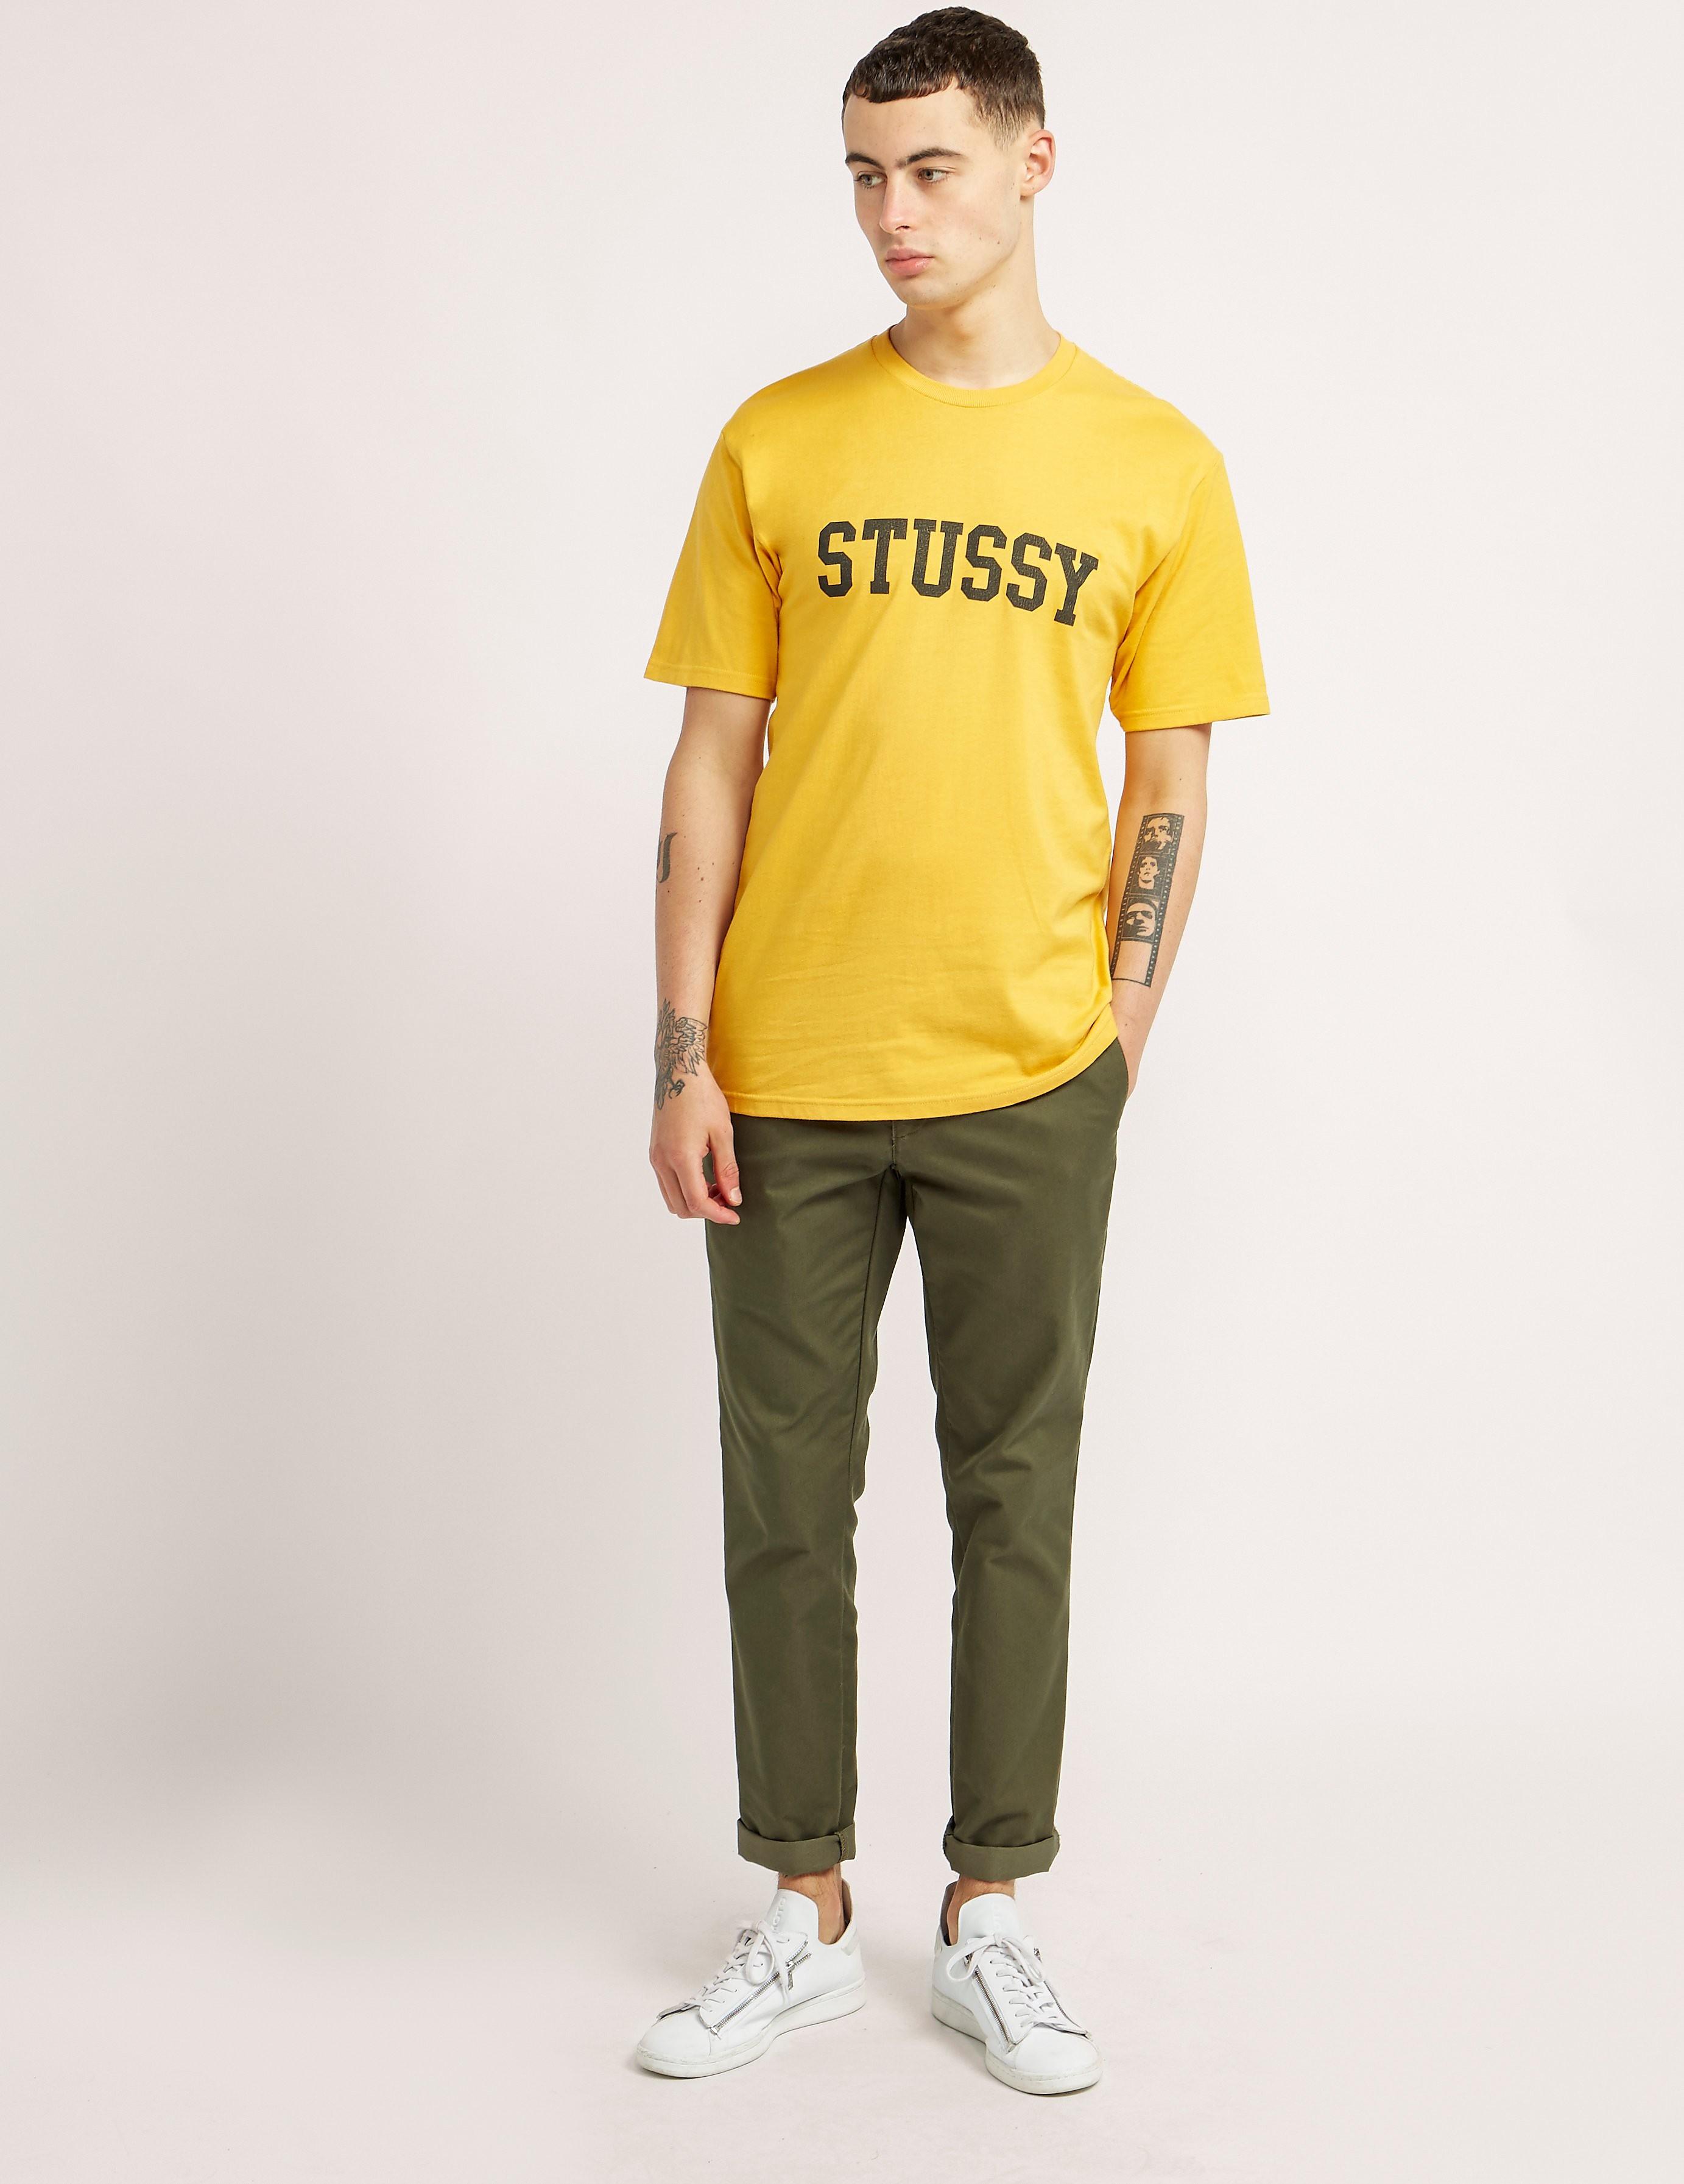 Stussy Cracked Short Sleeve T-Shirt